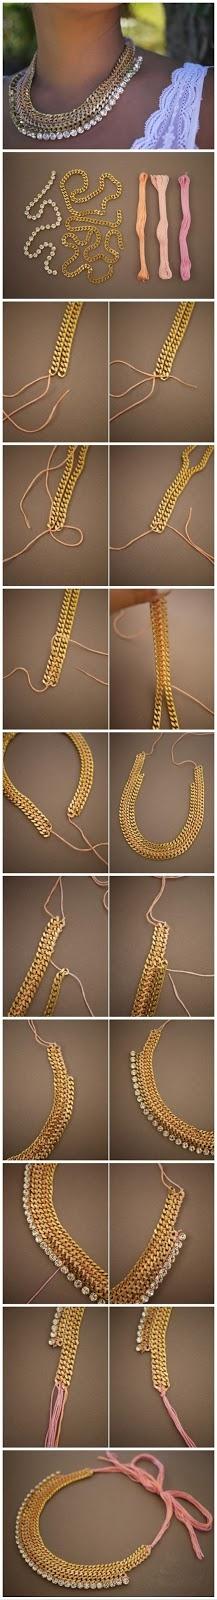 DIY tutorial necklaces